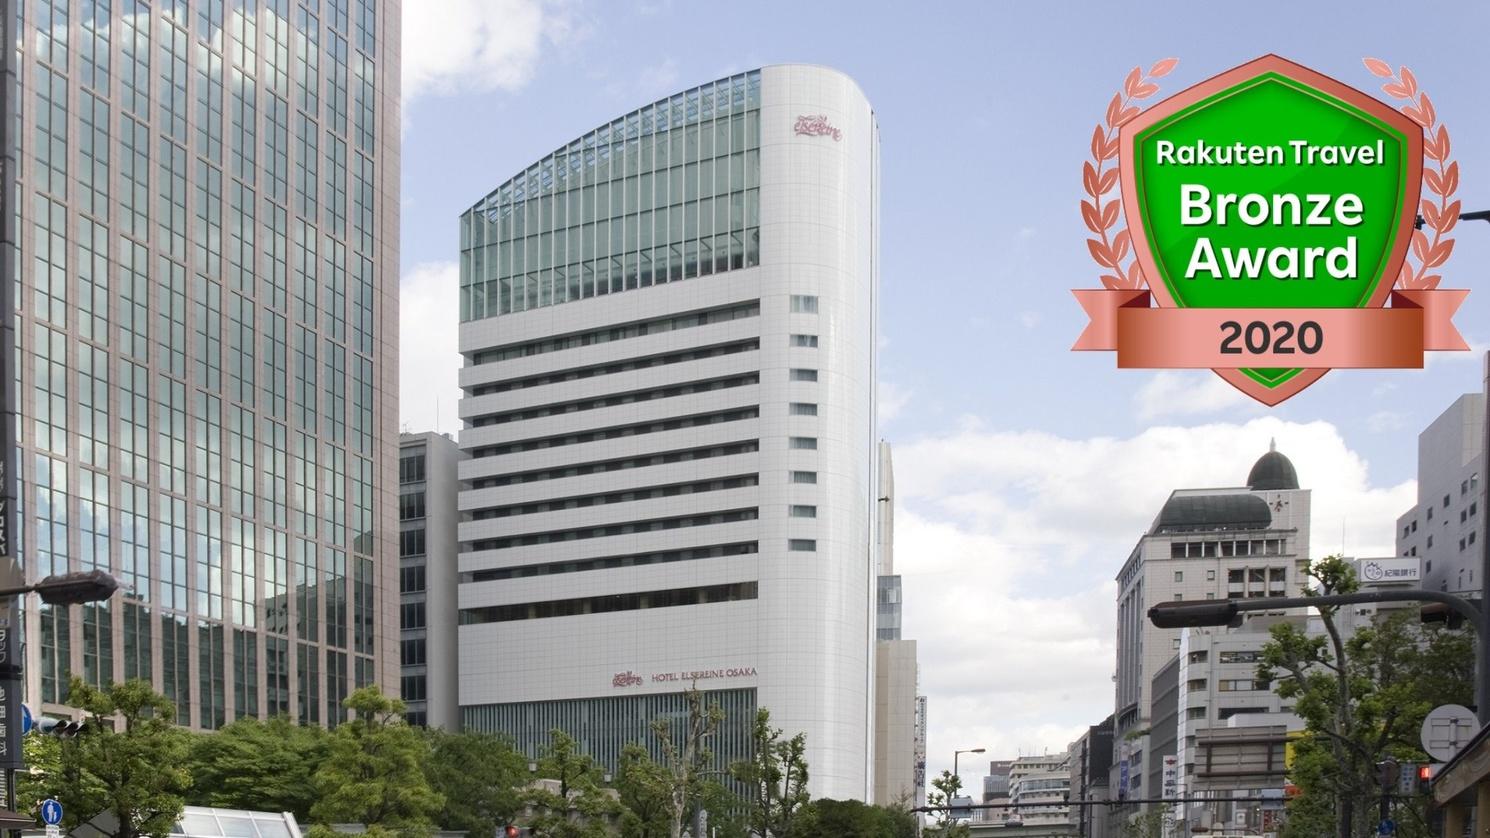 ホテル エルセラーン大阪◆楽天トラベル